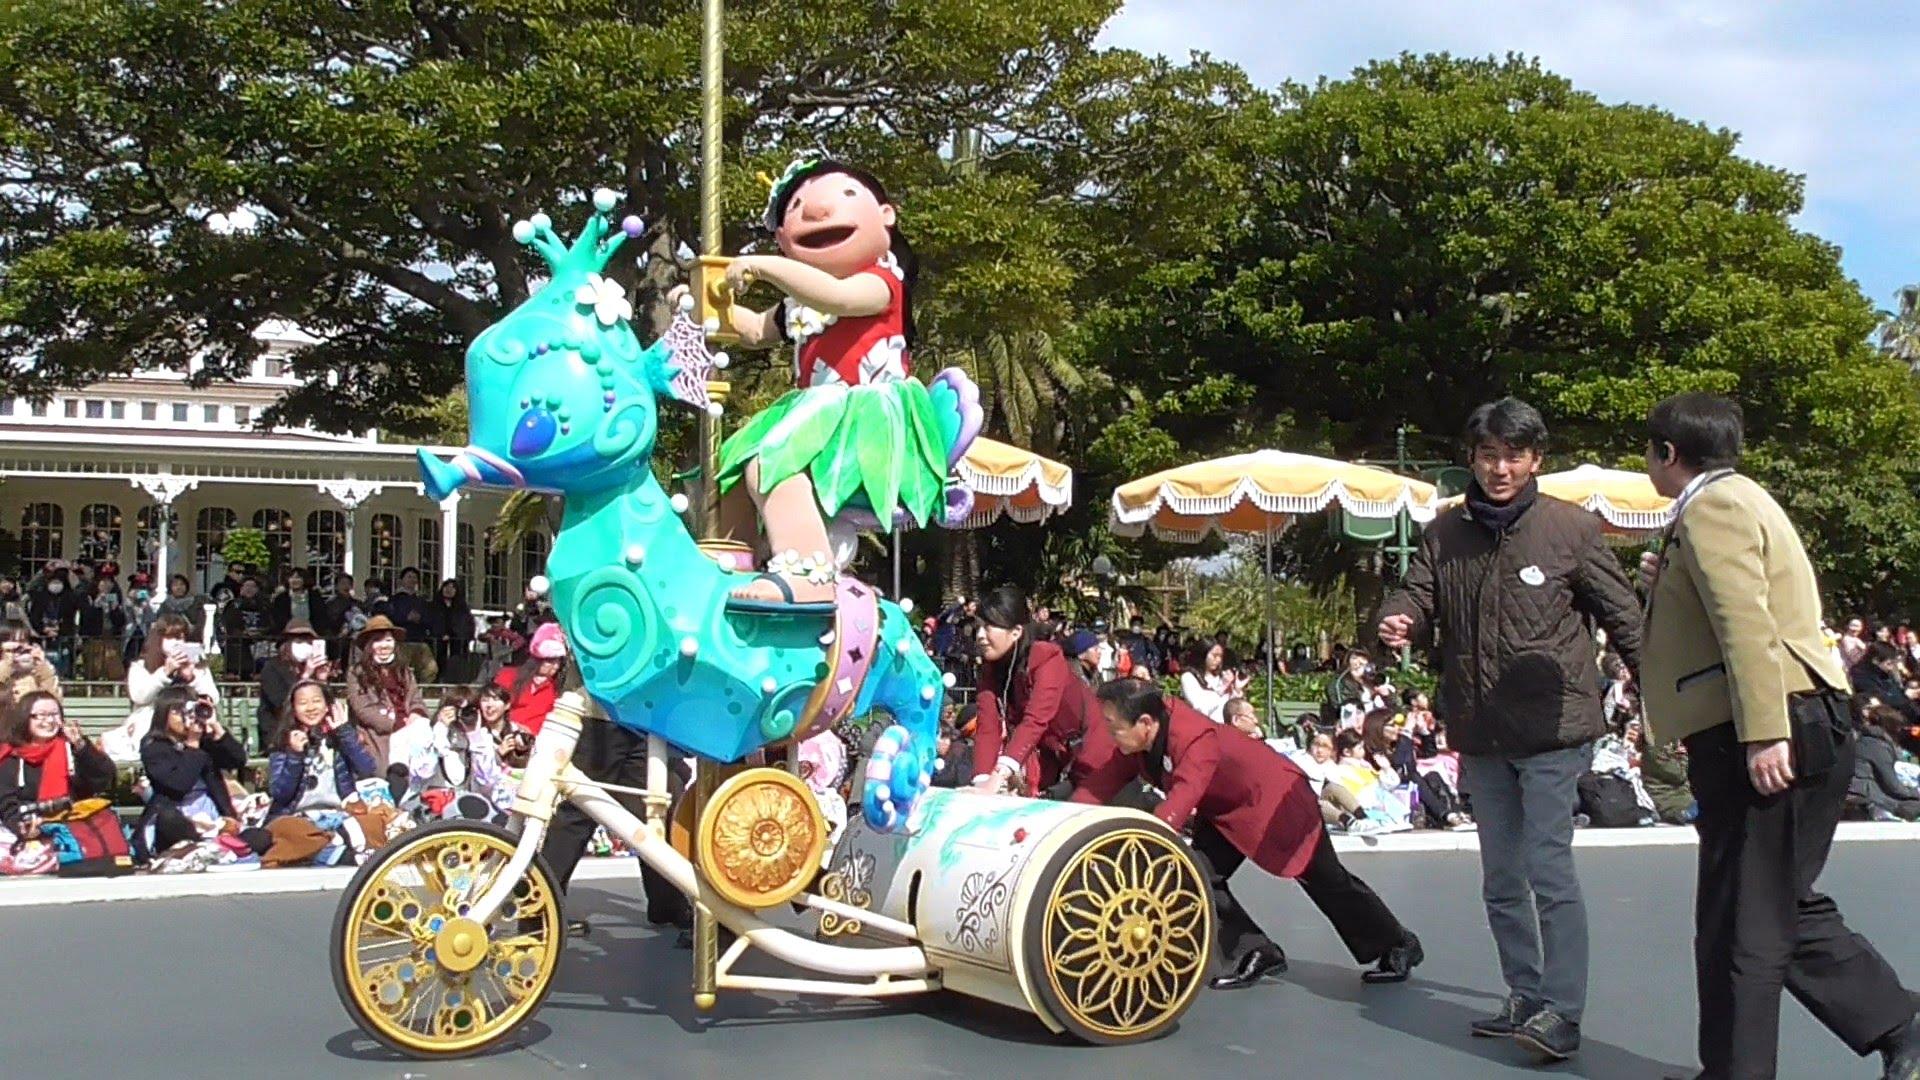 【ハプニング】ハピネスイズヒア リロにトラブル発生のため急遽パレードが一時停止!